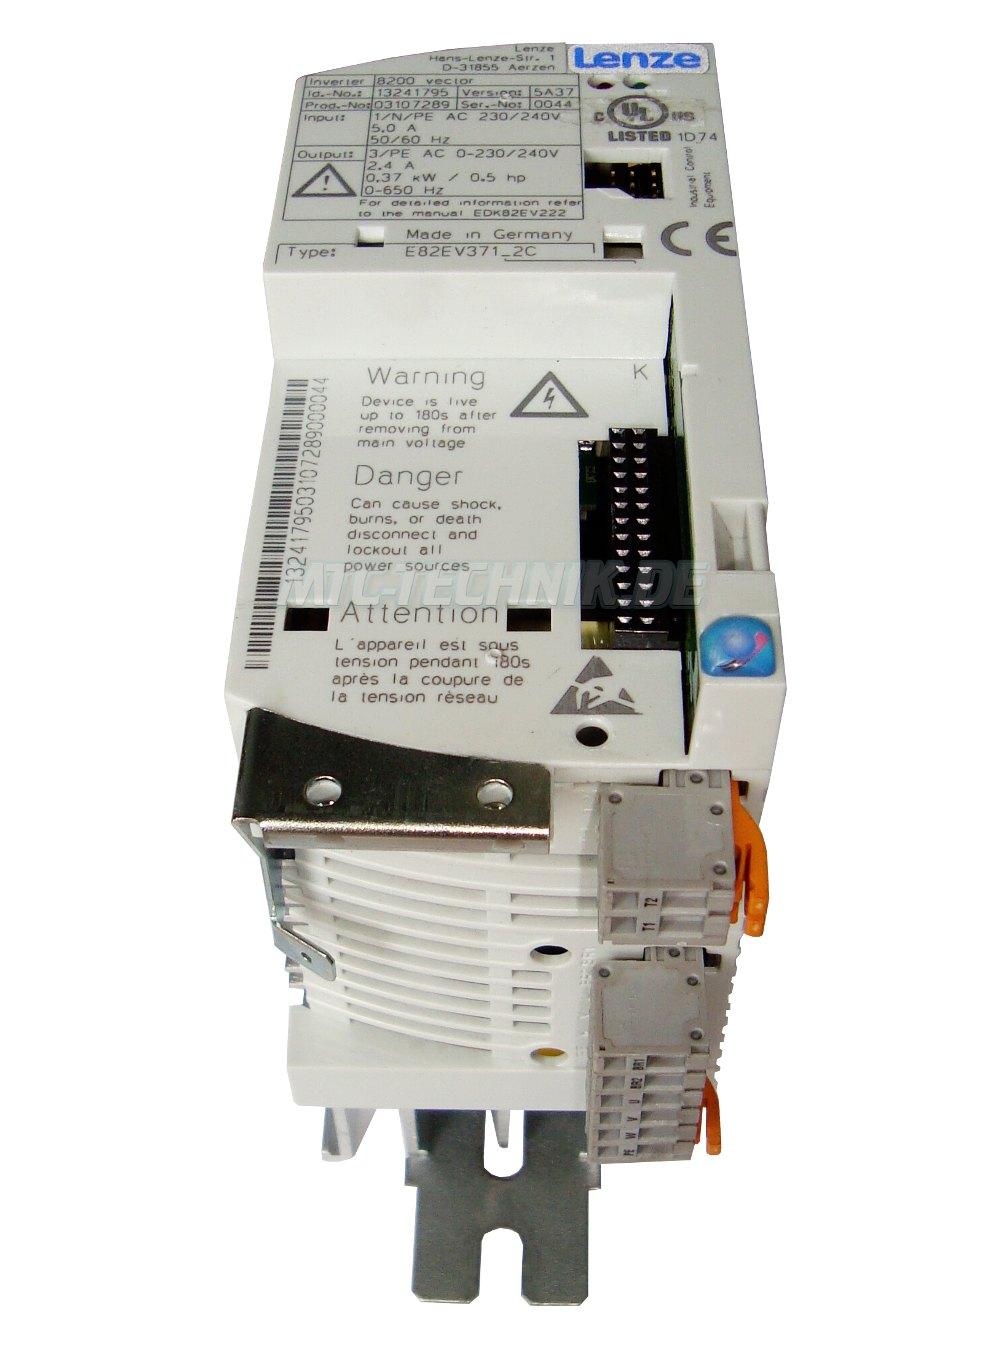 2 Austausch E82ev371 2c Lenze Mit Garantie